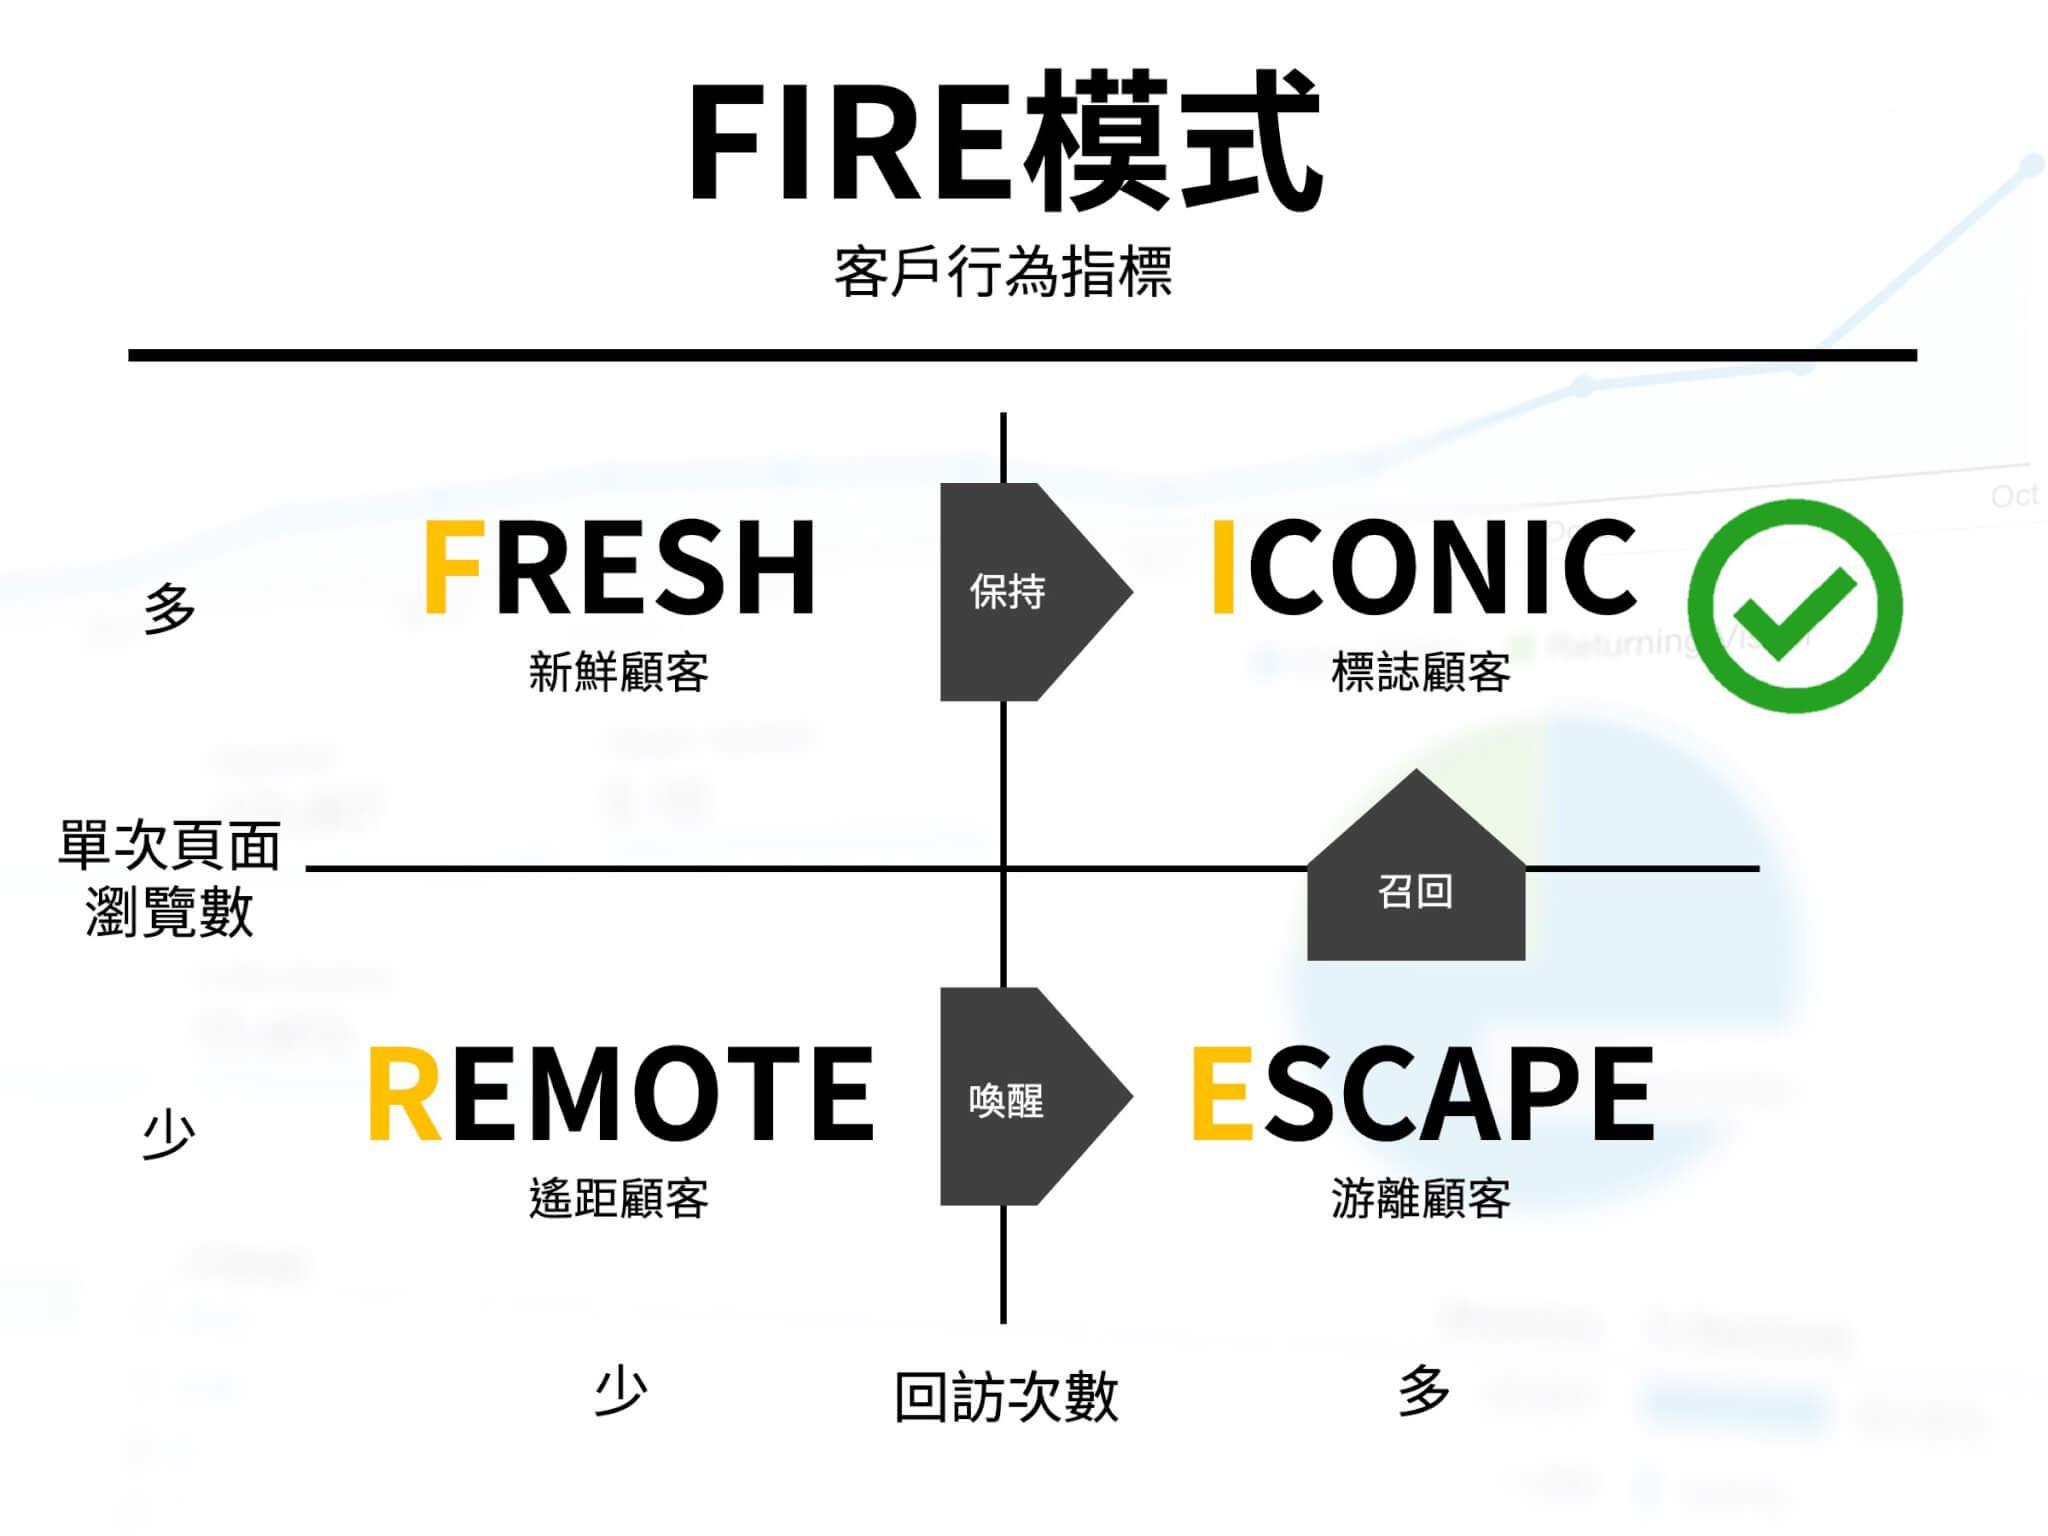 資深電商人必須了解的兩大指標FIRE